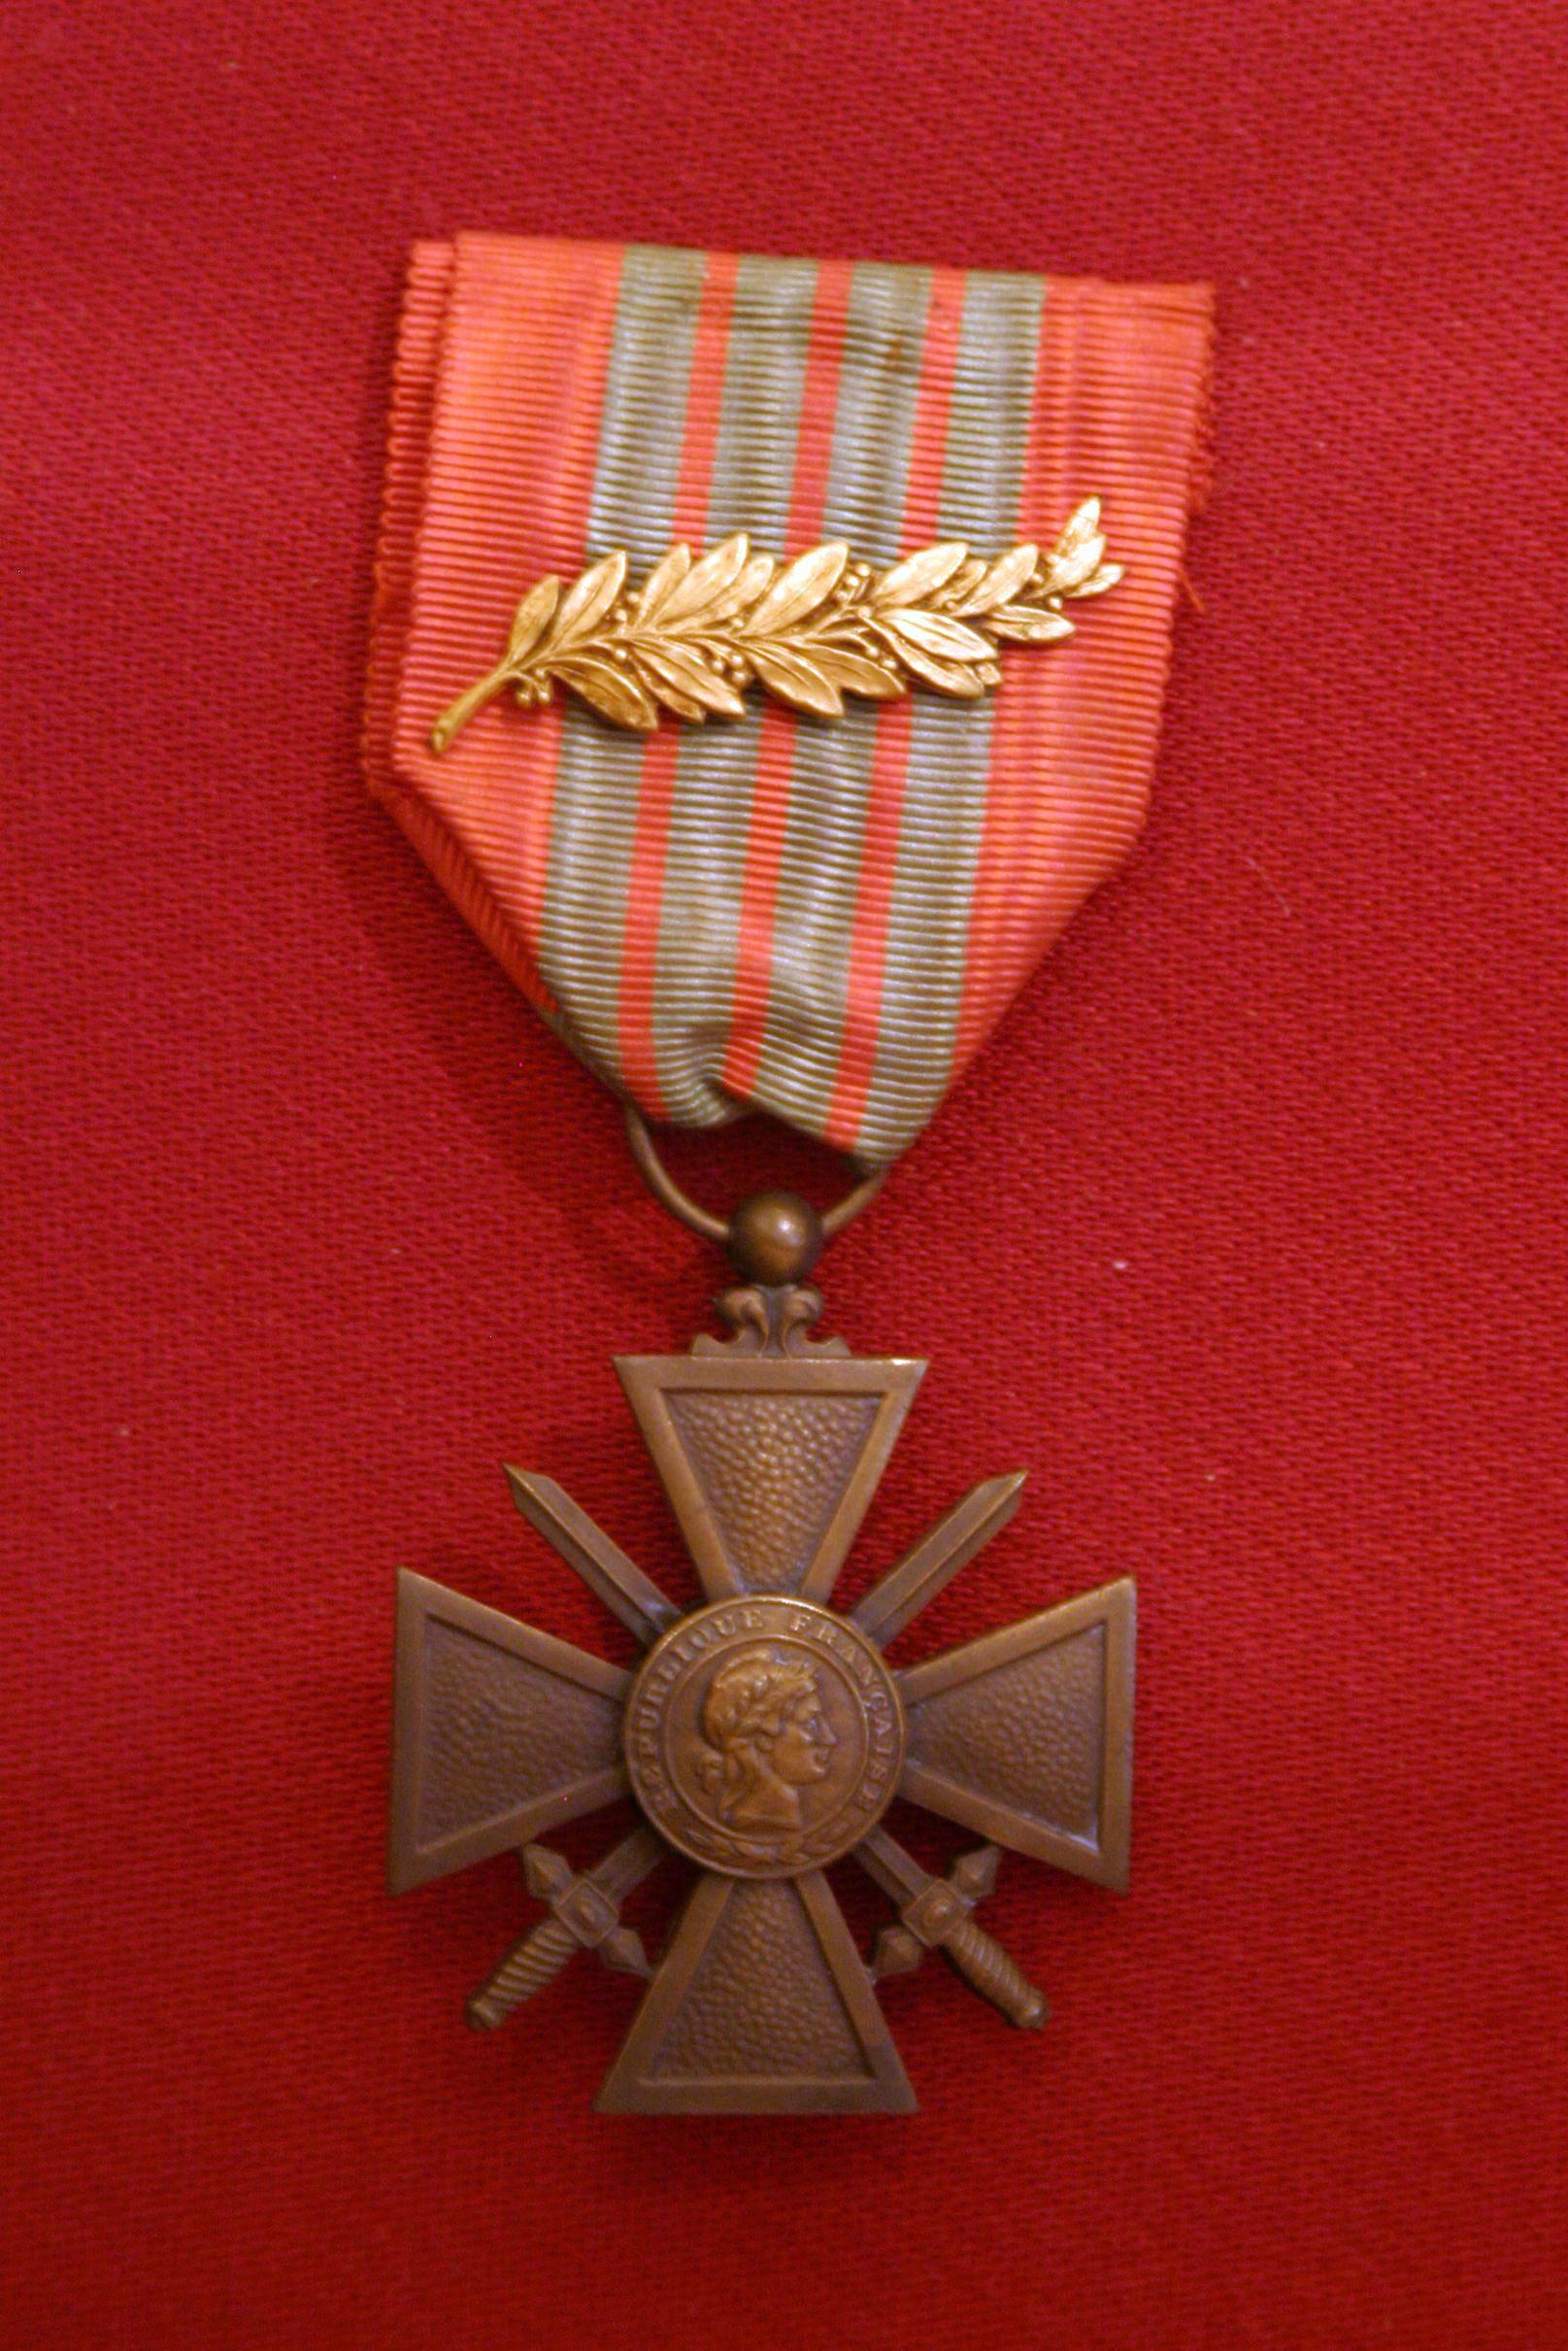 Croix-de-guerre-contraste-IMG_0949.jpg (1615×2421)